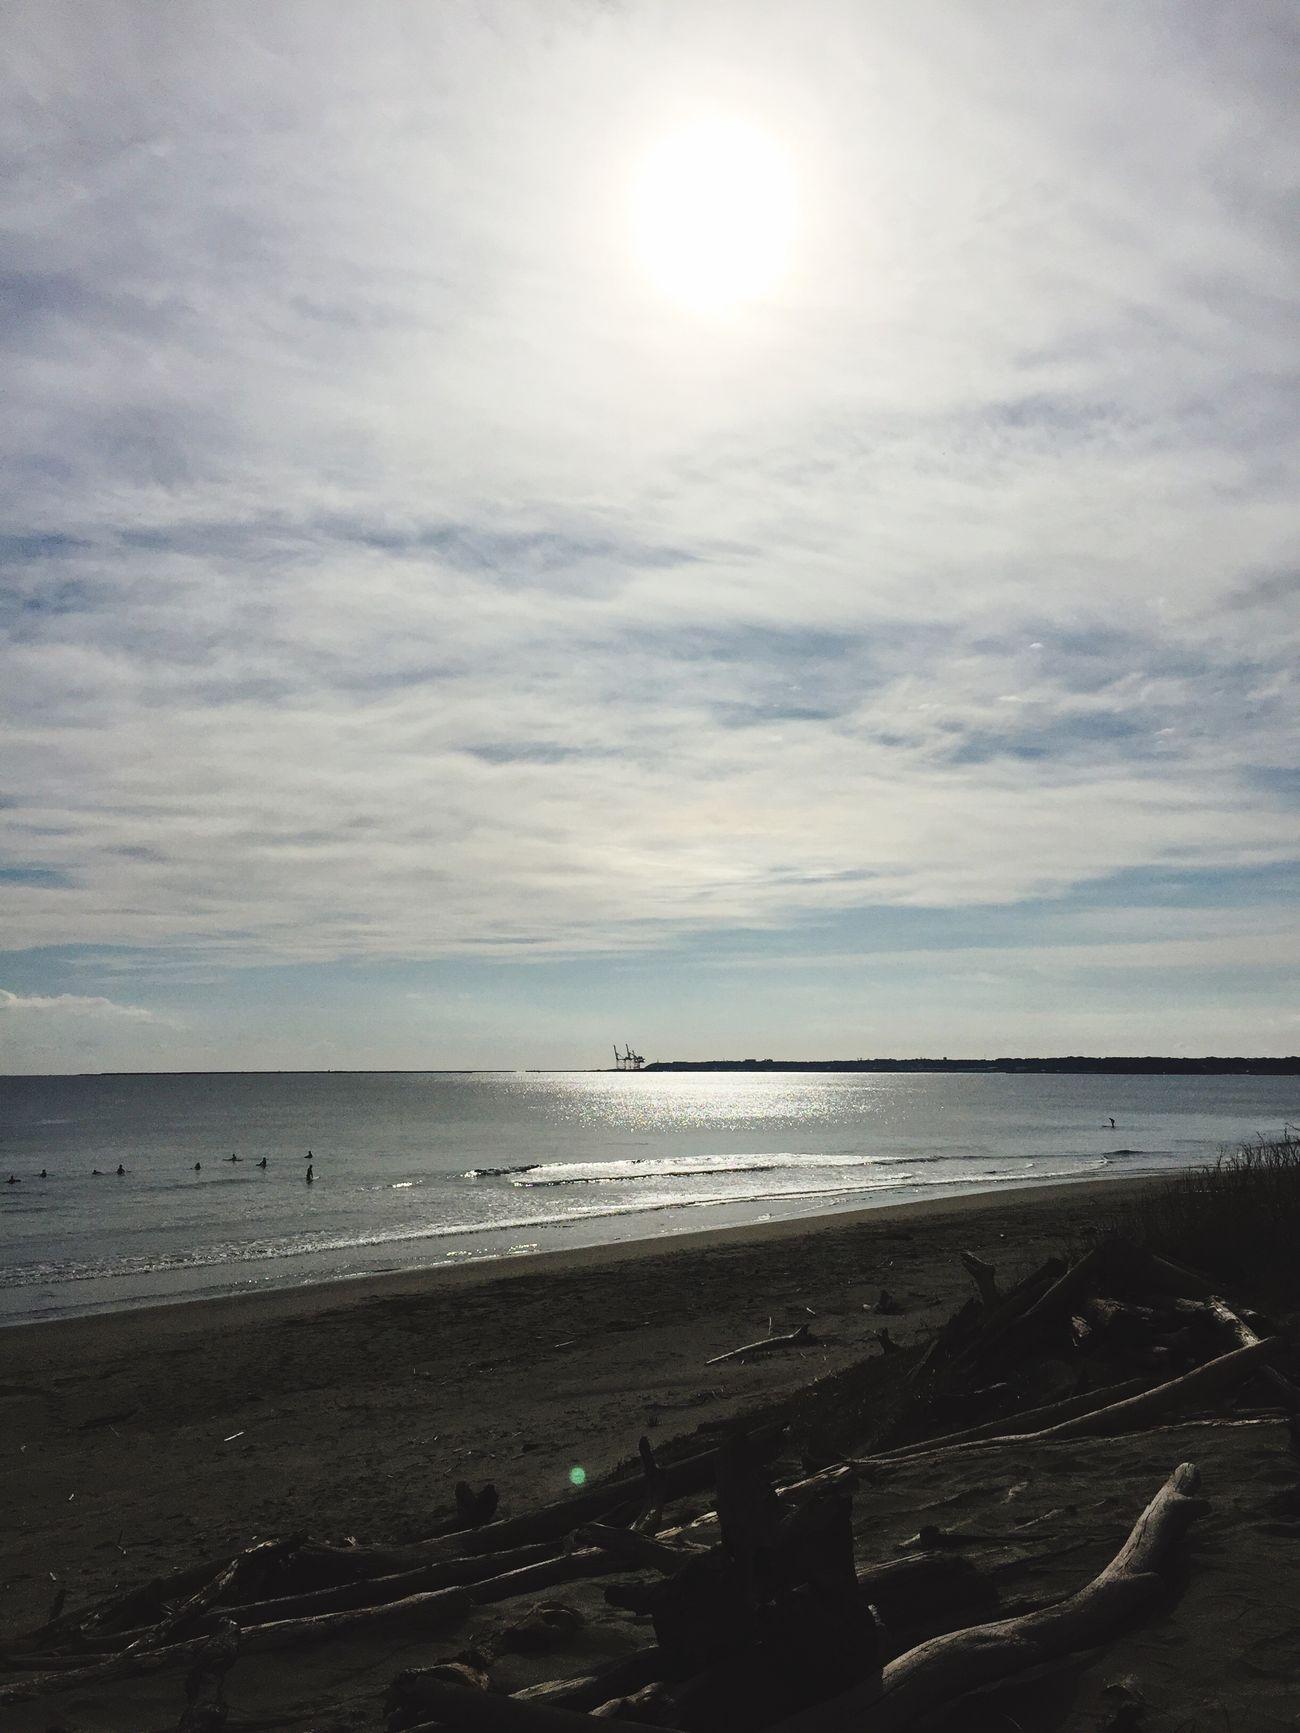 今日の波乗り😃 太陽の明かりが海に光ってメッチャ綺麗だった😃✨ かなりの小波だったけど夜景に続き光を堪能✨ 昼も夜も癒し😊✨✨✨